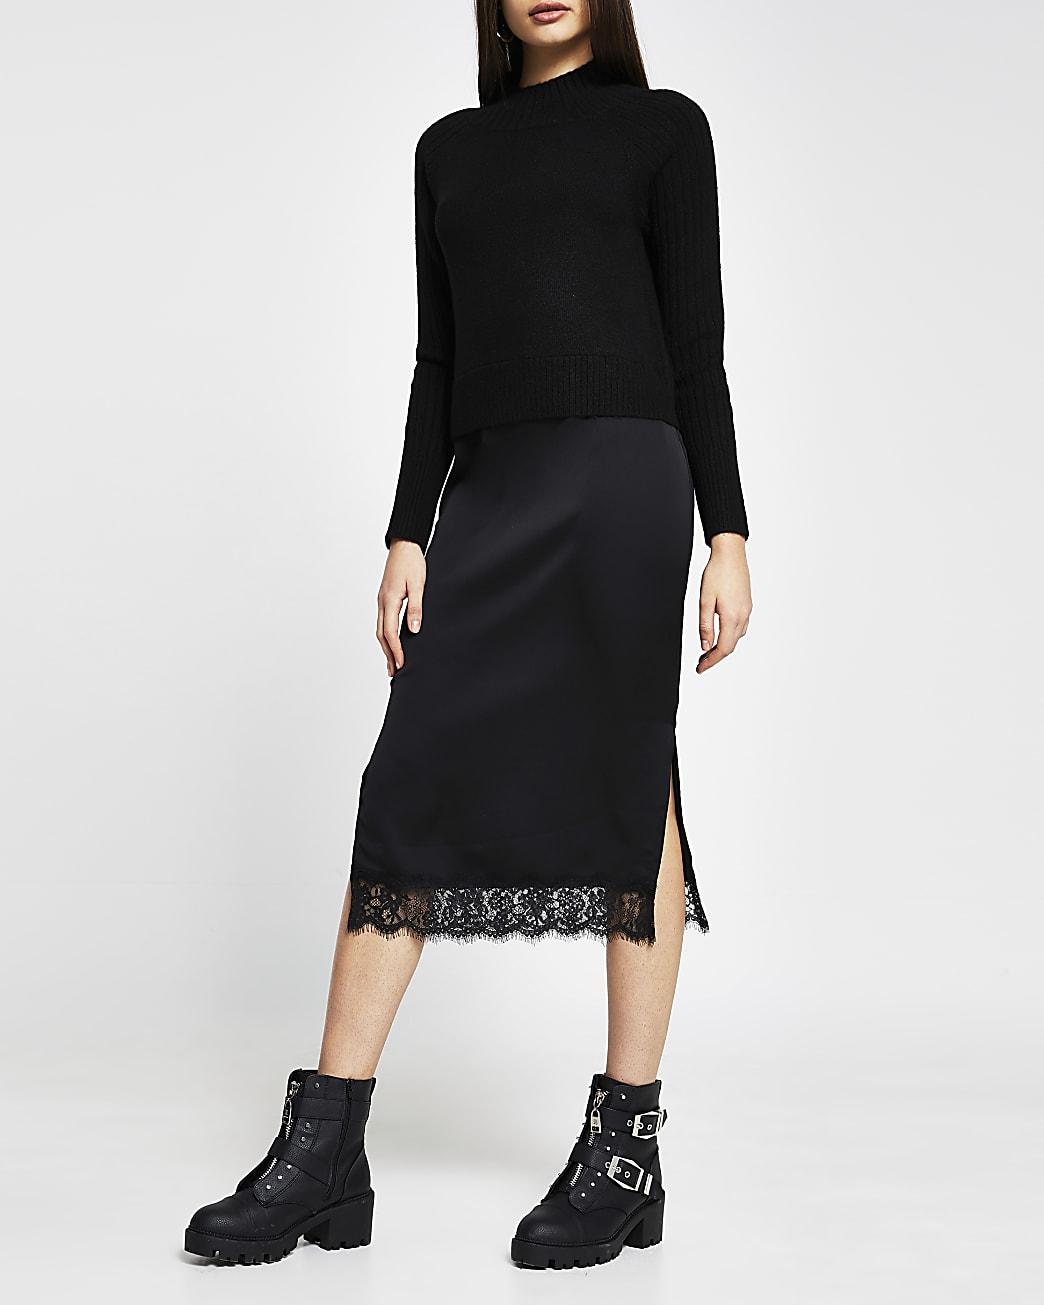 Black satin 2 in 1 midi dress